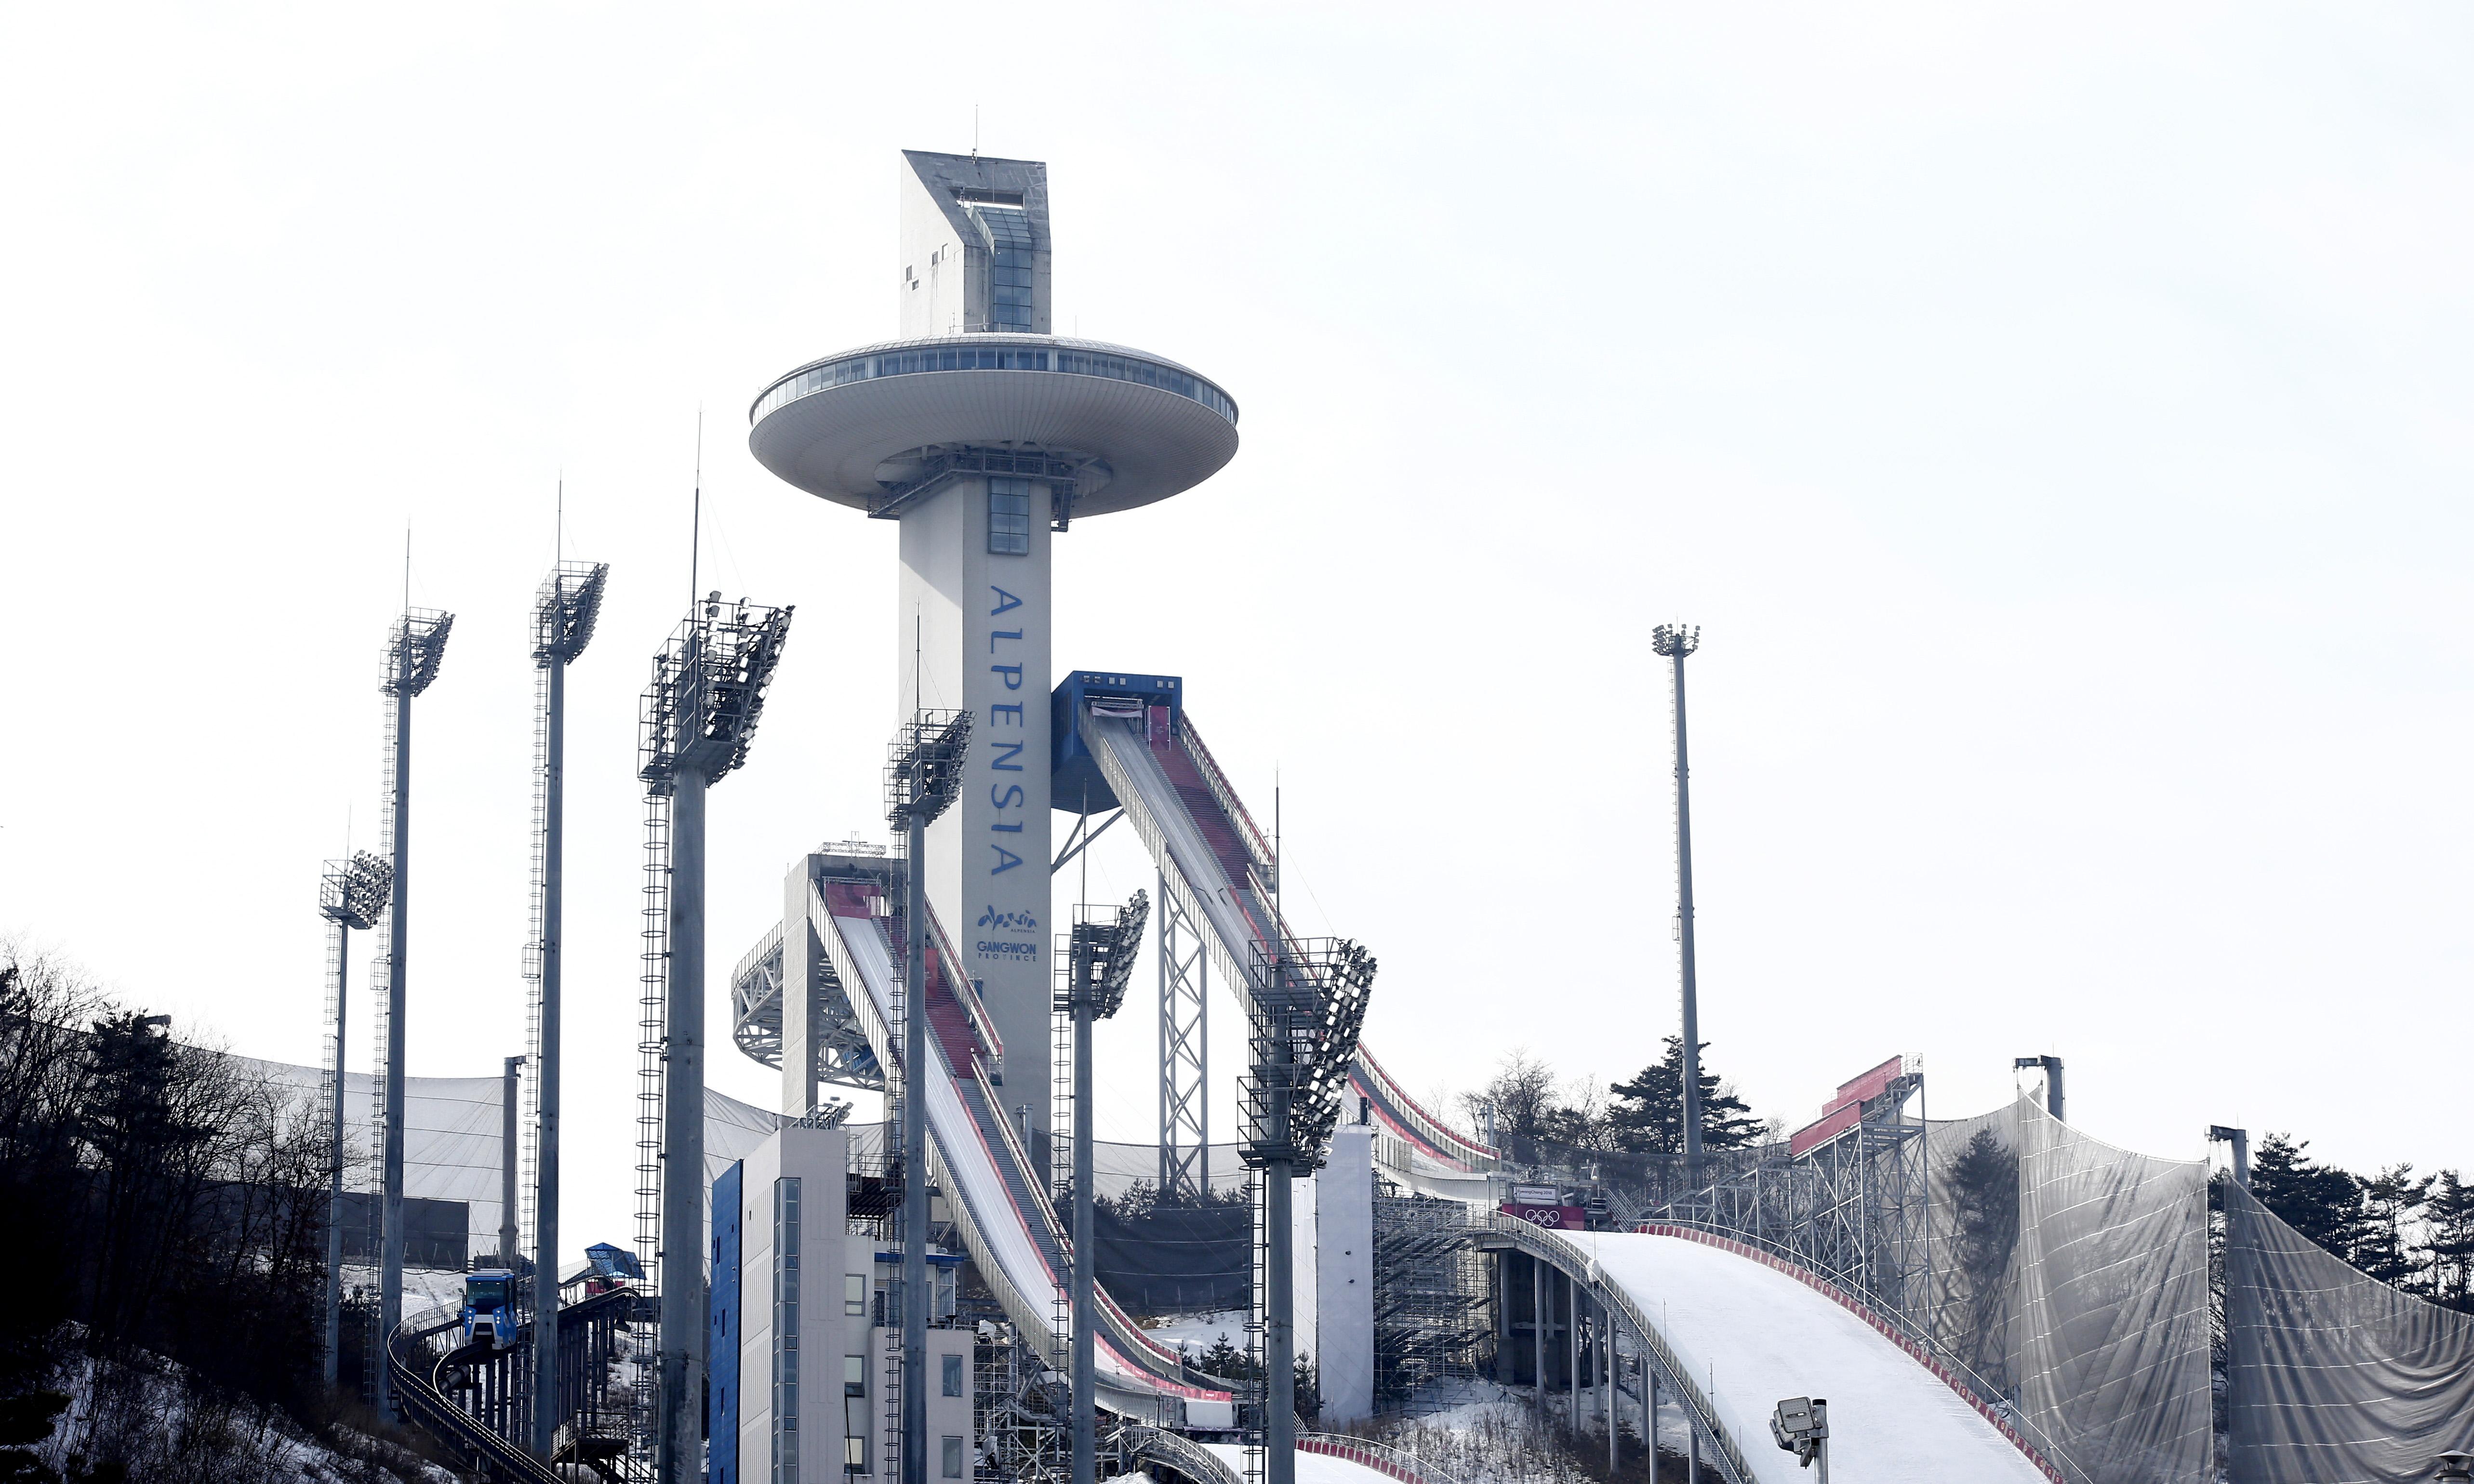 Domani giornata divisa tra nuovi inizi e voglia di for Xxiii giochi olimpici invernali di pyeongchang medaglie per paese